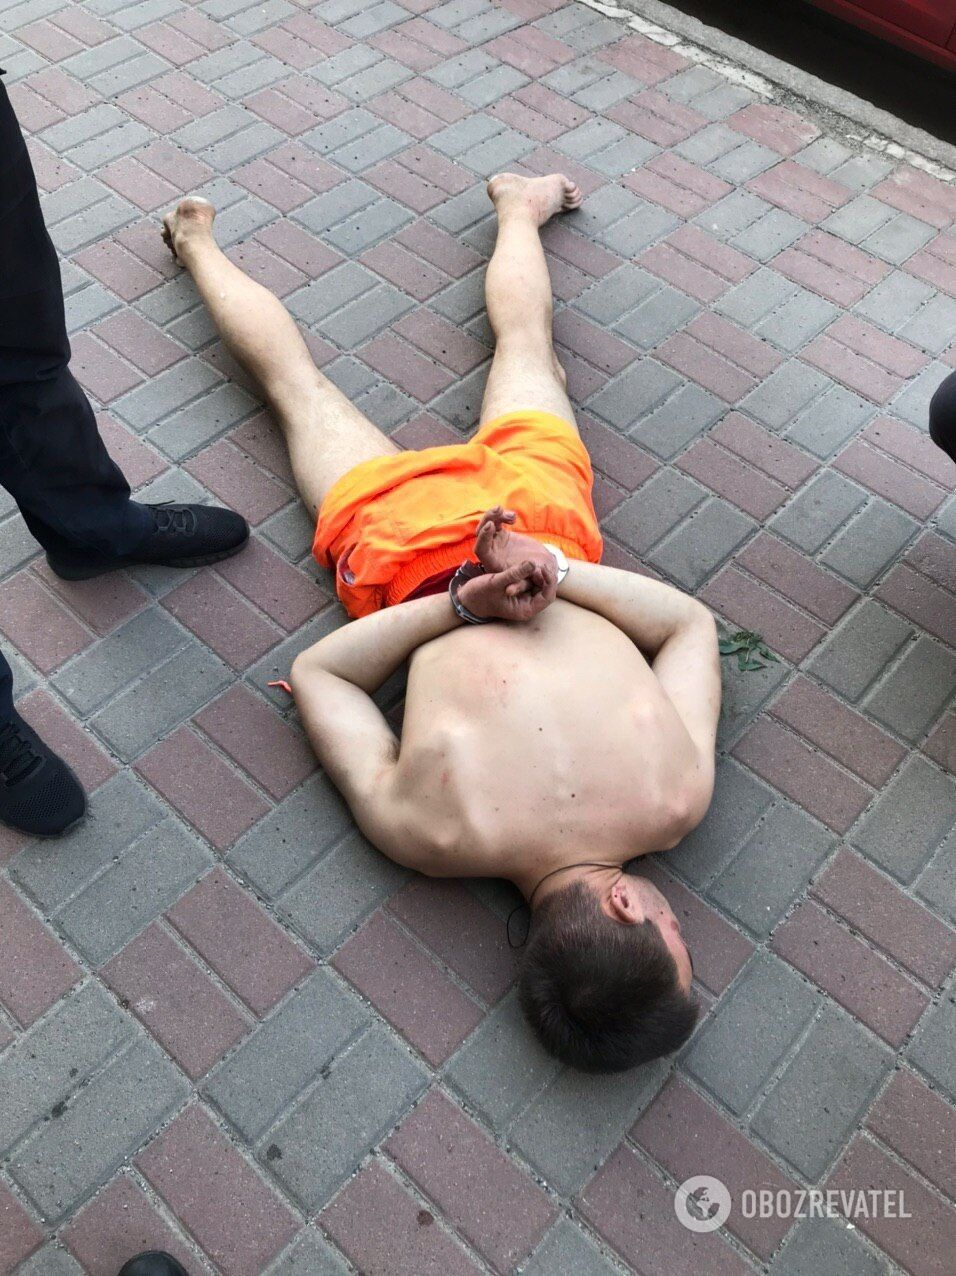 В Киеве у посла ЮАР украли авто и совершили на нем ДТП, правоохранители задержали подозреваемого